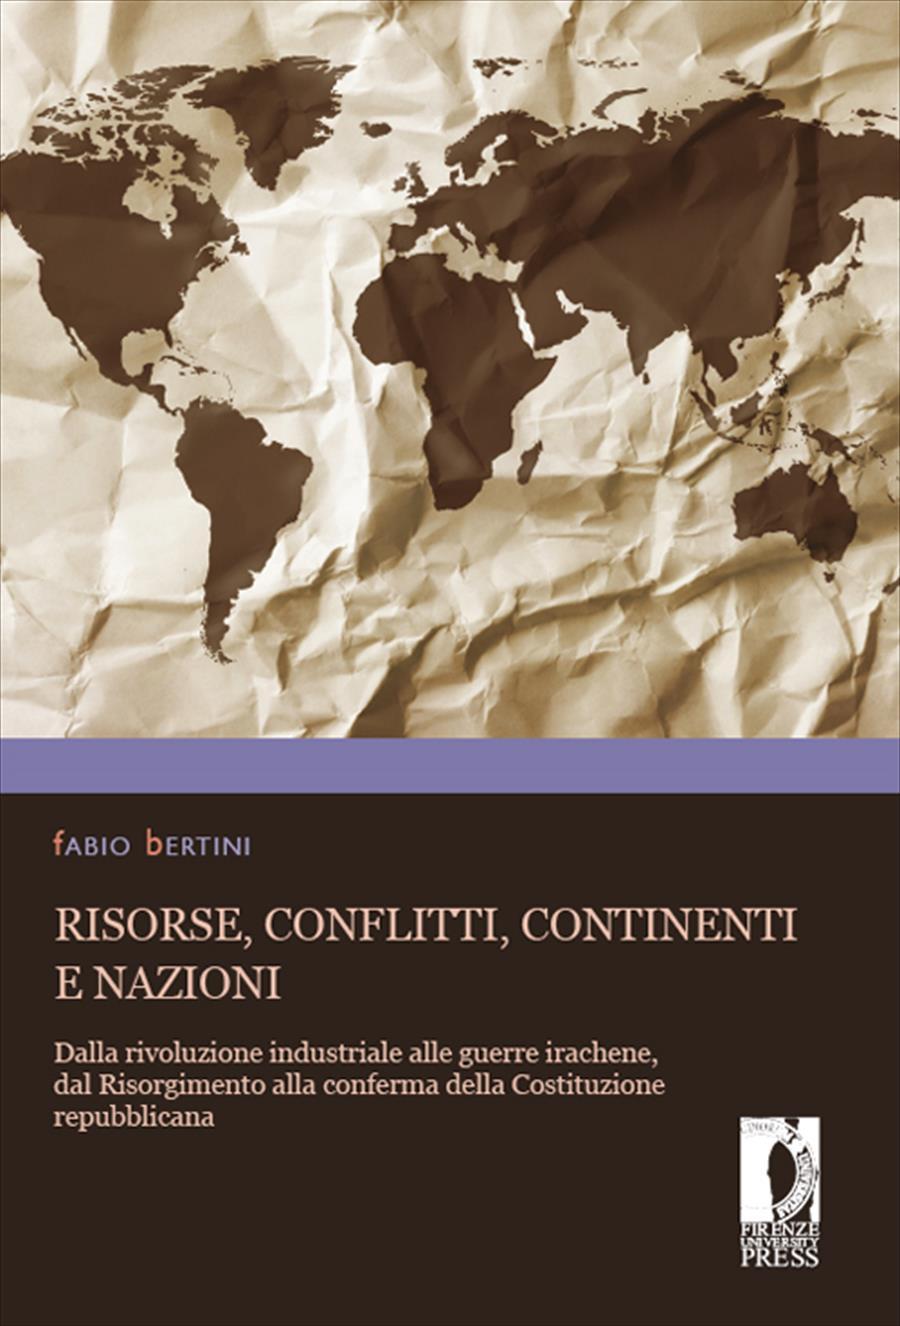 Risorse, conflitti, continenti e nazioni